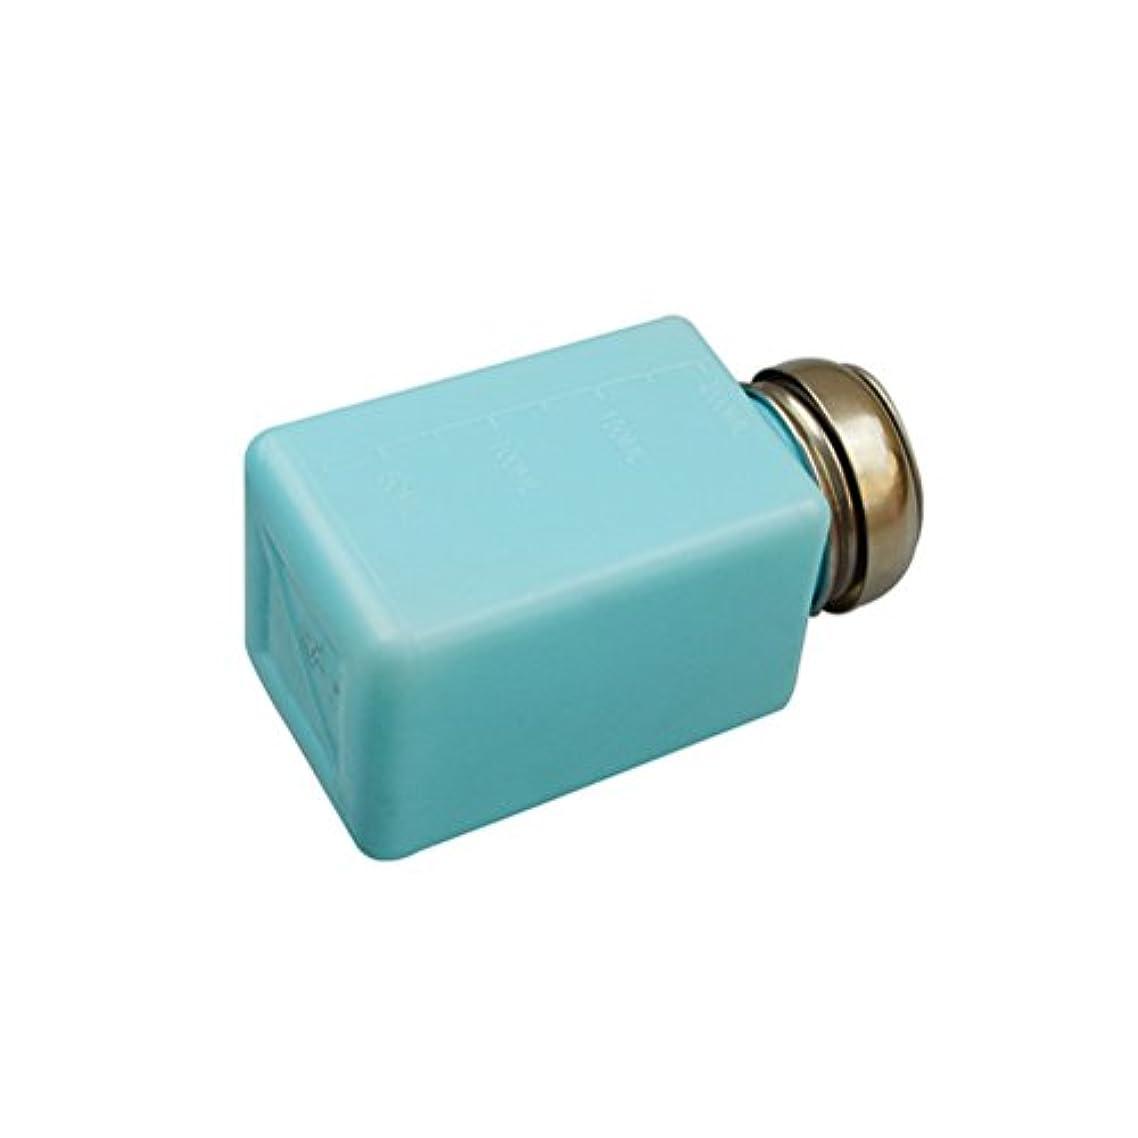 シュート一般的に言えば背景BESTOMZ アルコールボトル 便利 クレンジングオイル 小分け容器 静電防止 200ML(青)